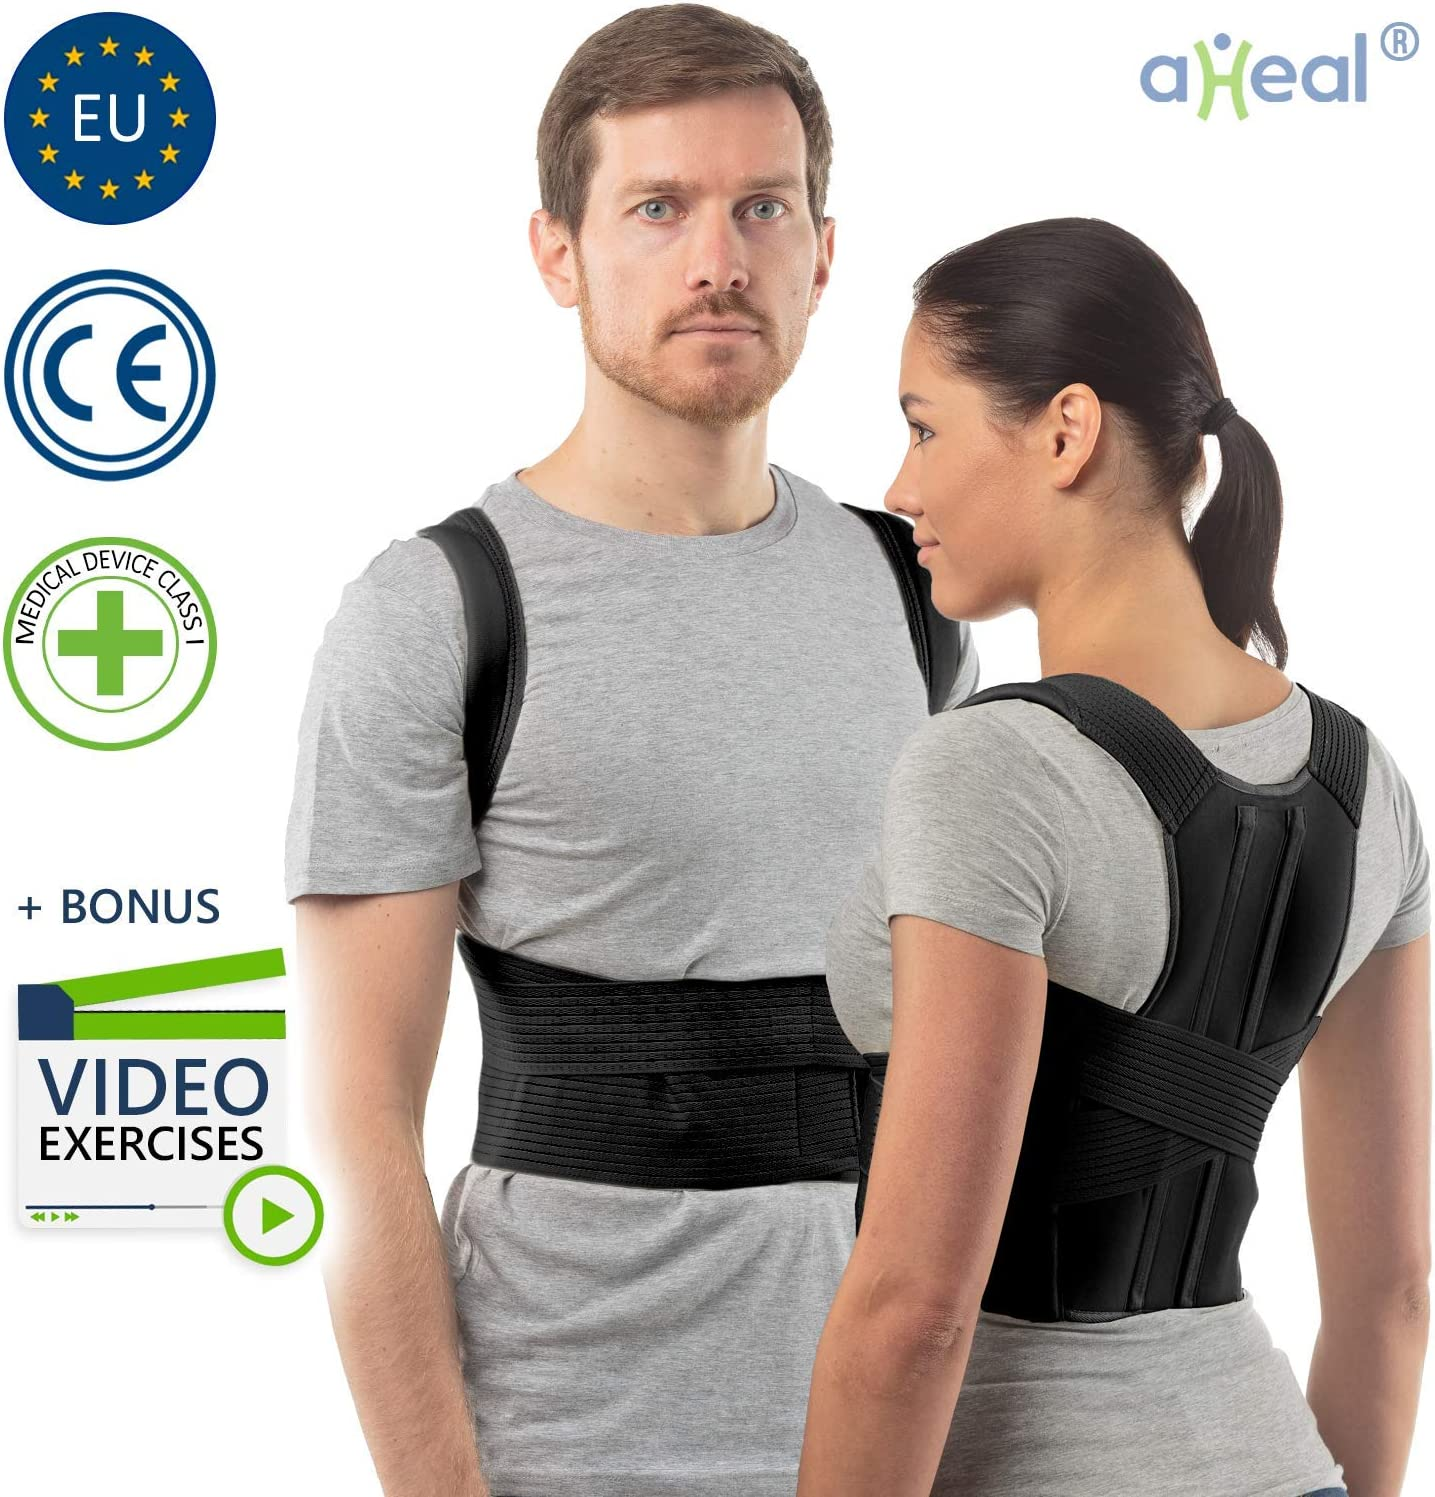 aHeal Corrector de Postura de Espalda para Hombre y Mujer | Soporte de Espalda y Columna Lumbar Superior para Corrección de Postura | Alivio del Dolor y Rehabilitación de Lesiones | Talla 1 Negro